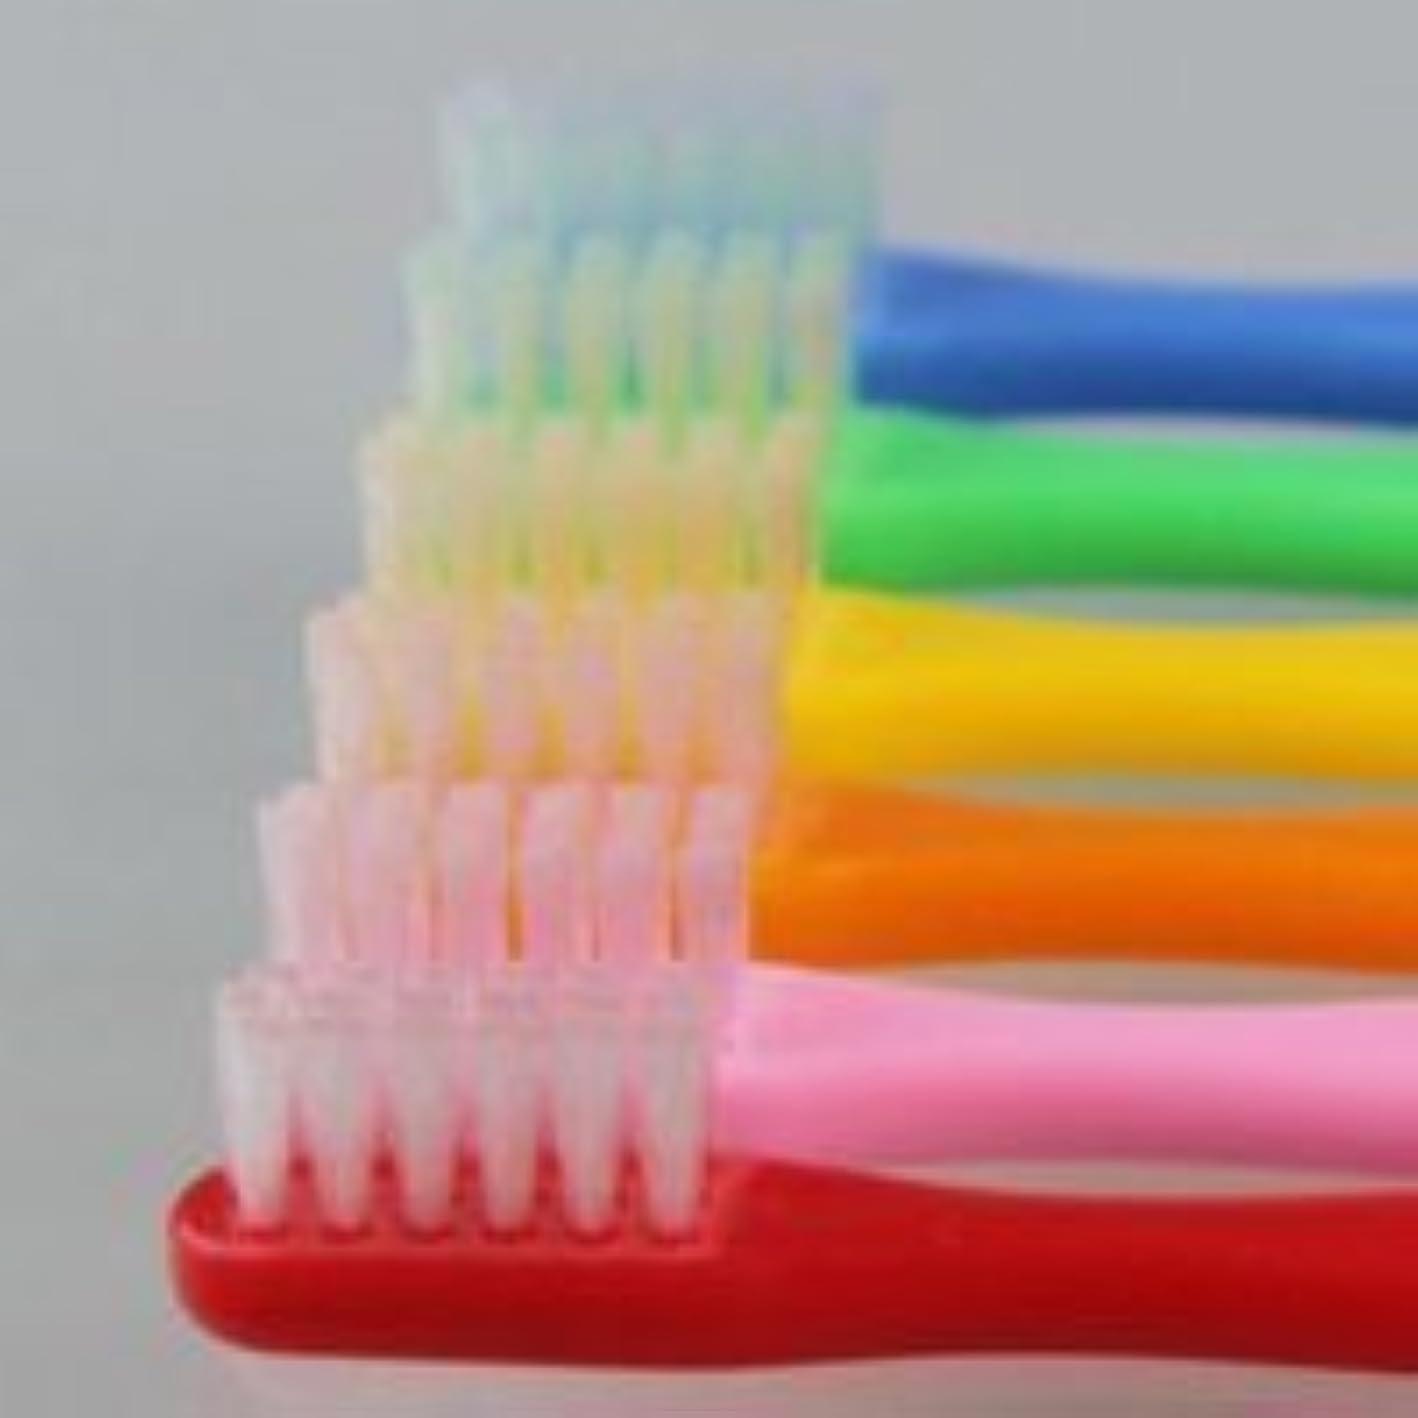 死傷者つま先司教サムフレンド 歯ブラシ #10(乳歯~6才向け) 6本 ※お色は当店お任せです